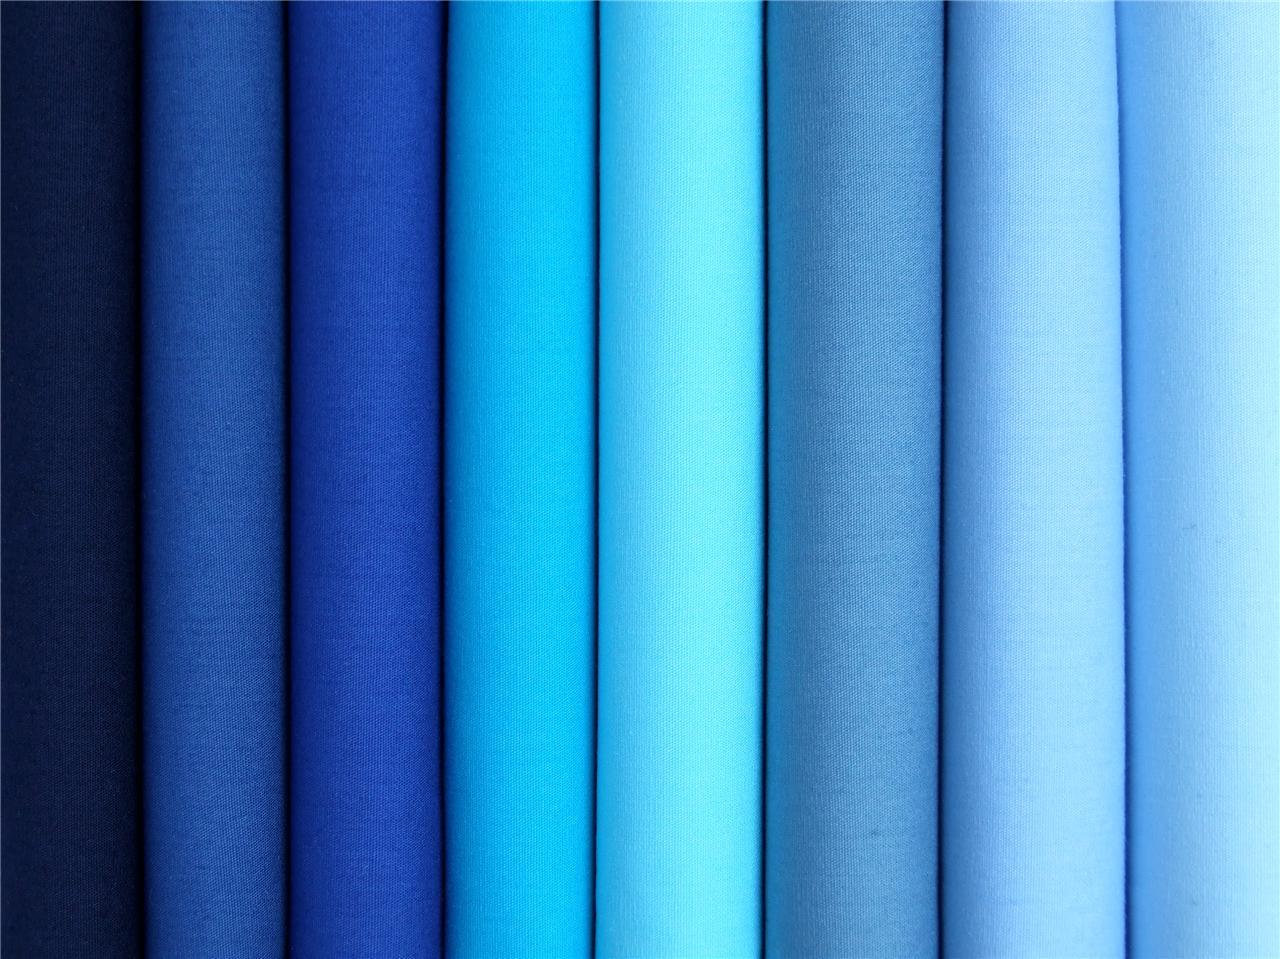 Tìm hiểu cách phân biệt vải thông thường làm quần áo cho bé